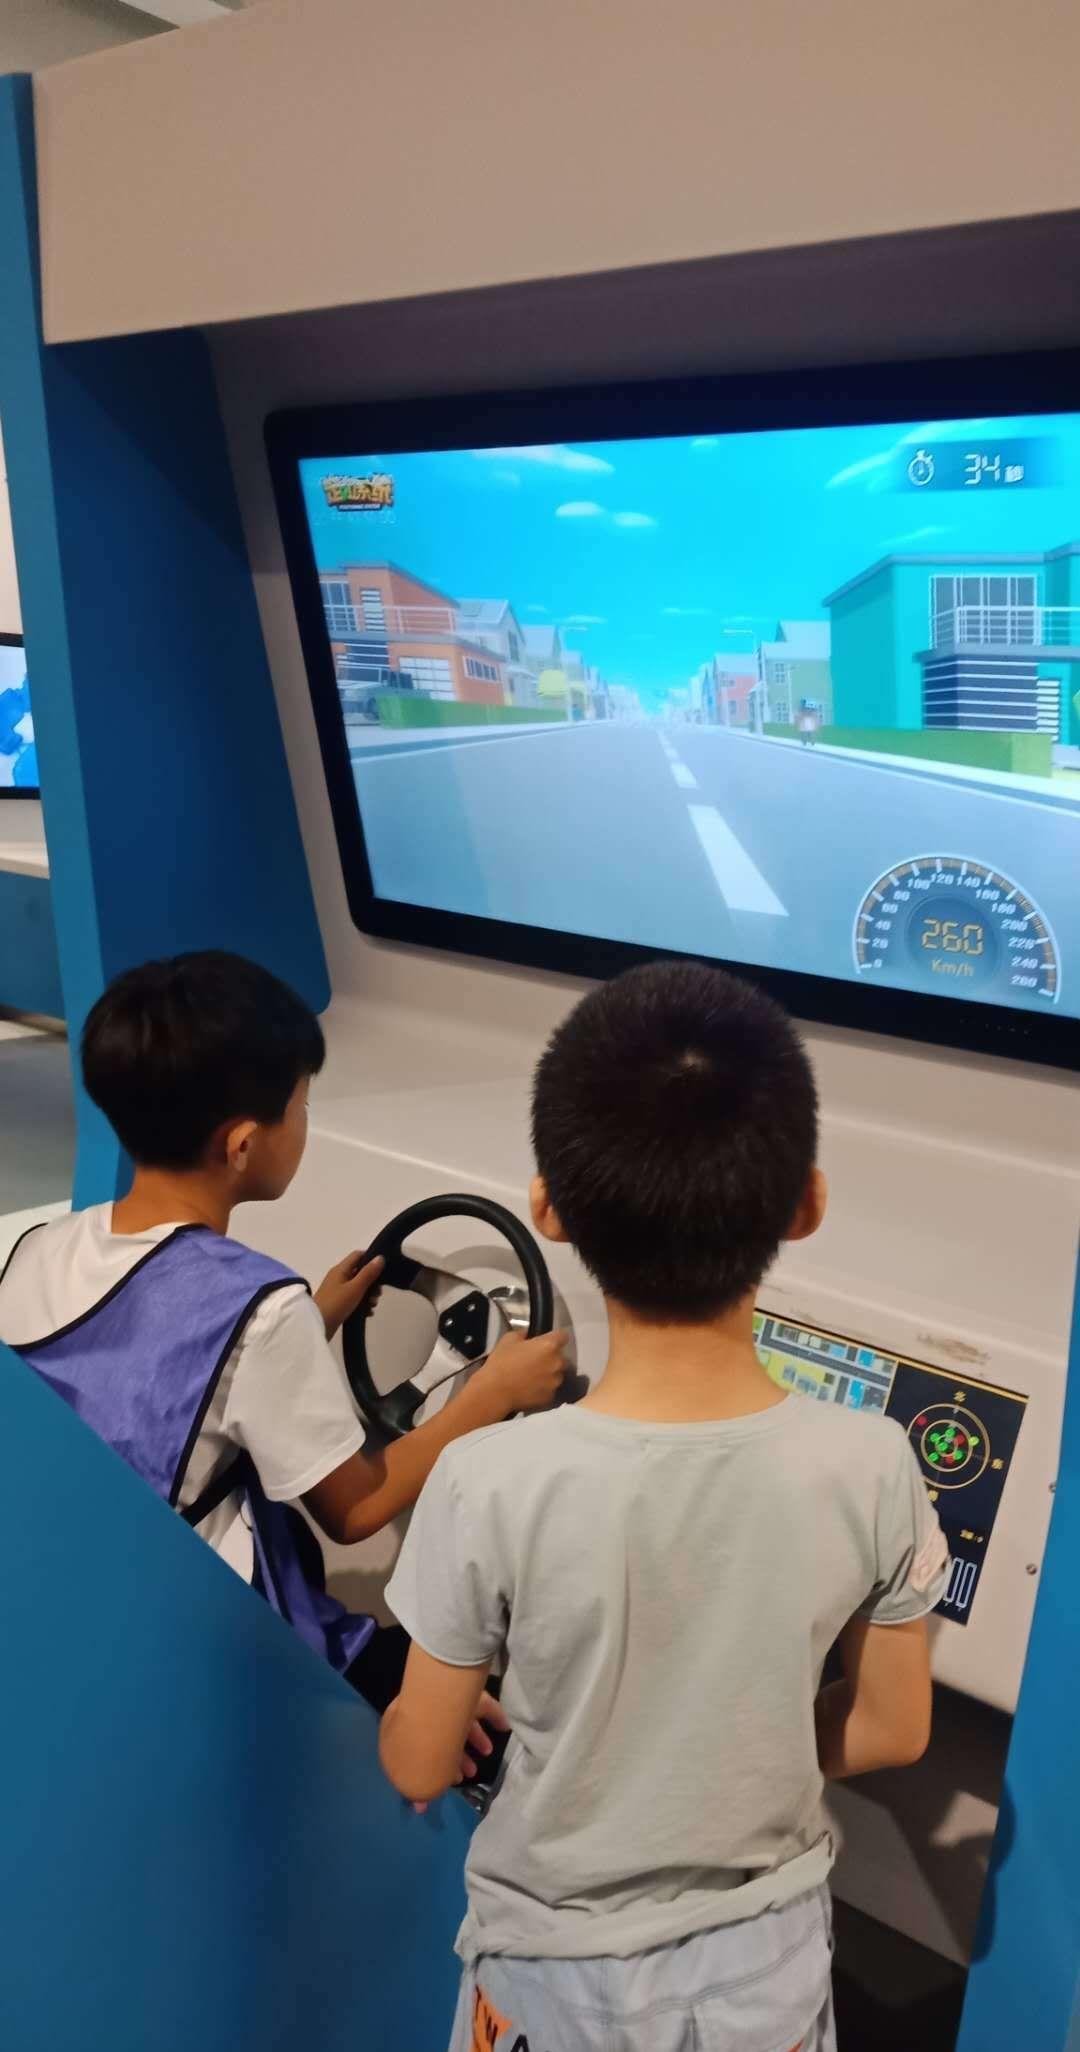 单县科技馆,孩子增长见识学习知识的好地方